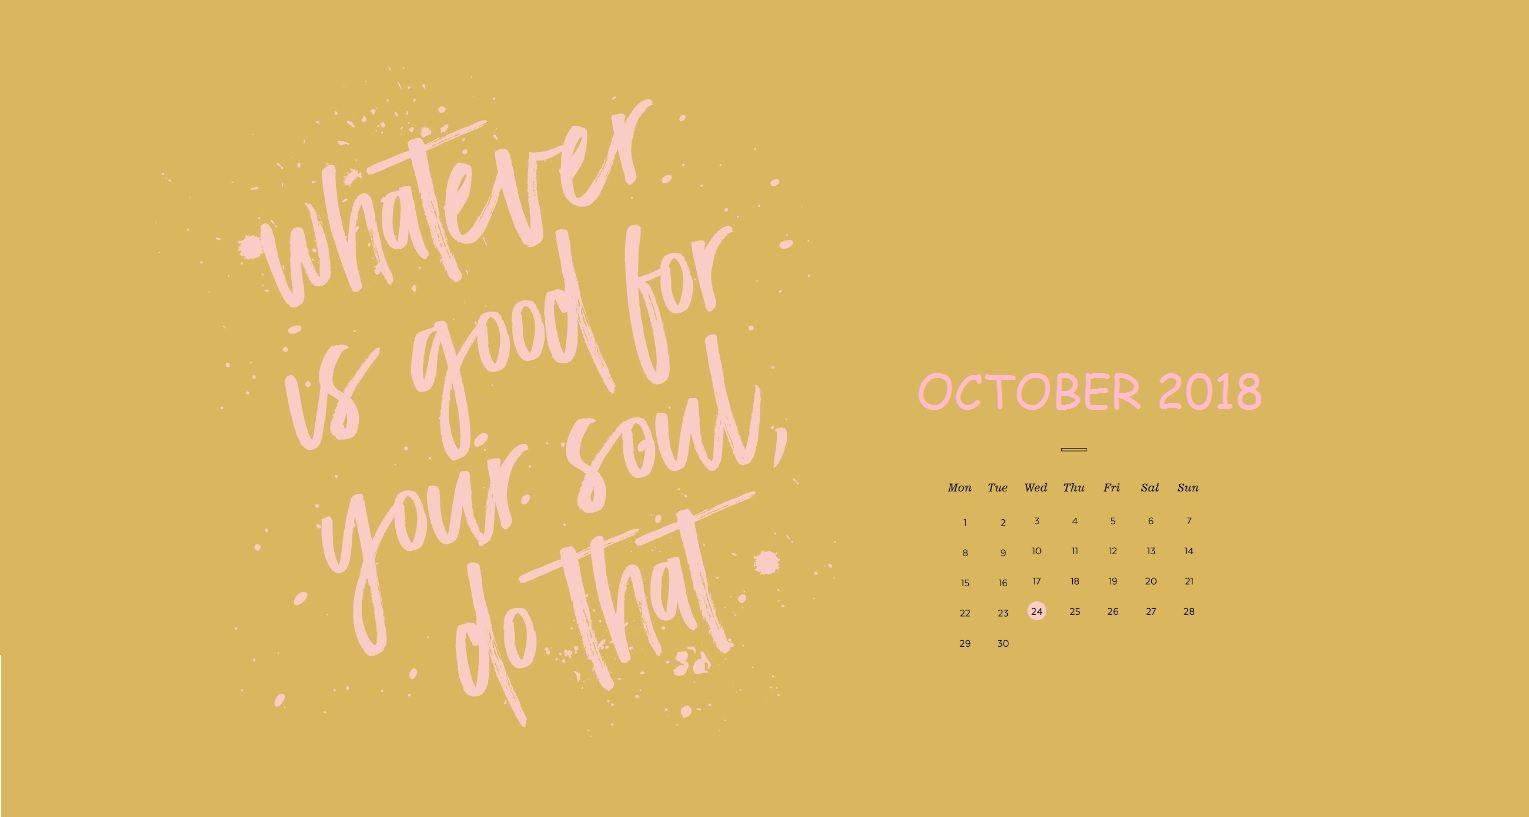 October 2018 Desktop Calendar Wallpaper Calendar Wallpaper Desktop Wallpaper Quotes Desktop Wallpaper